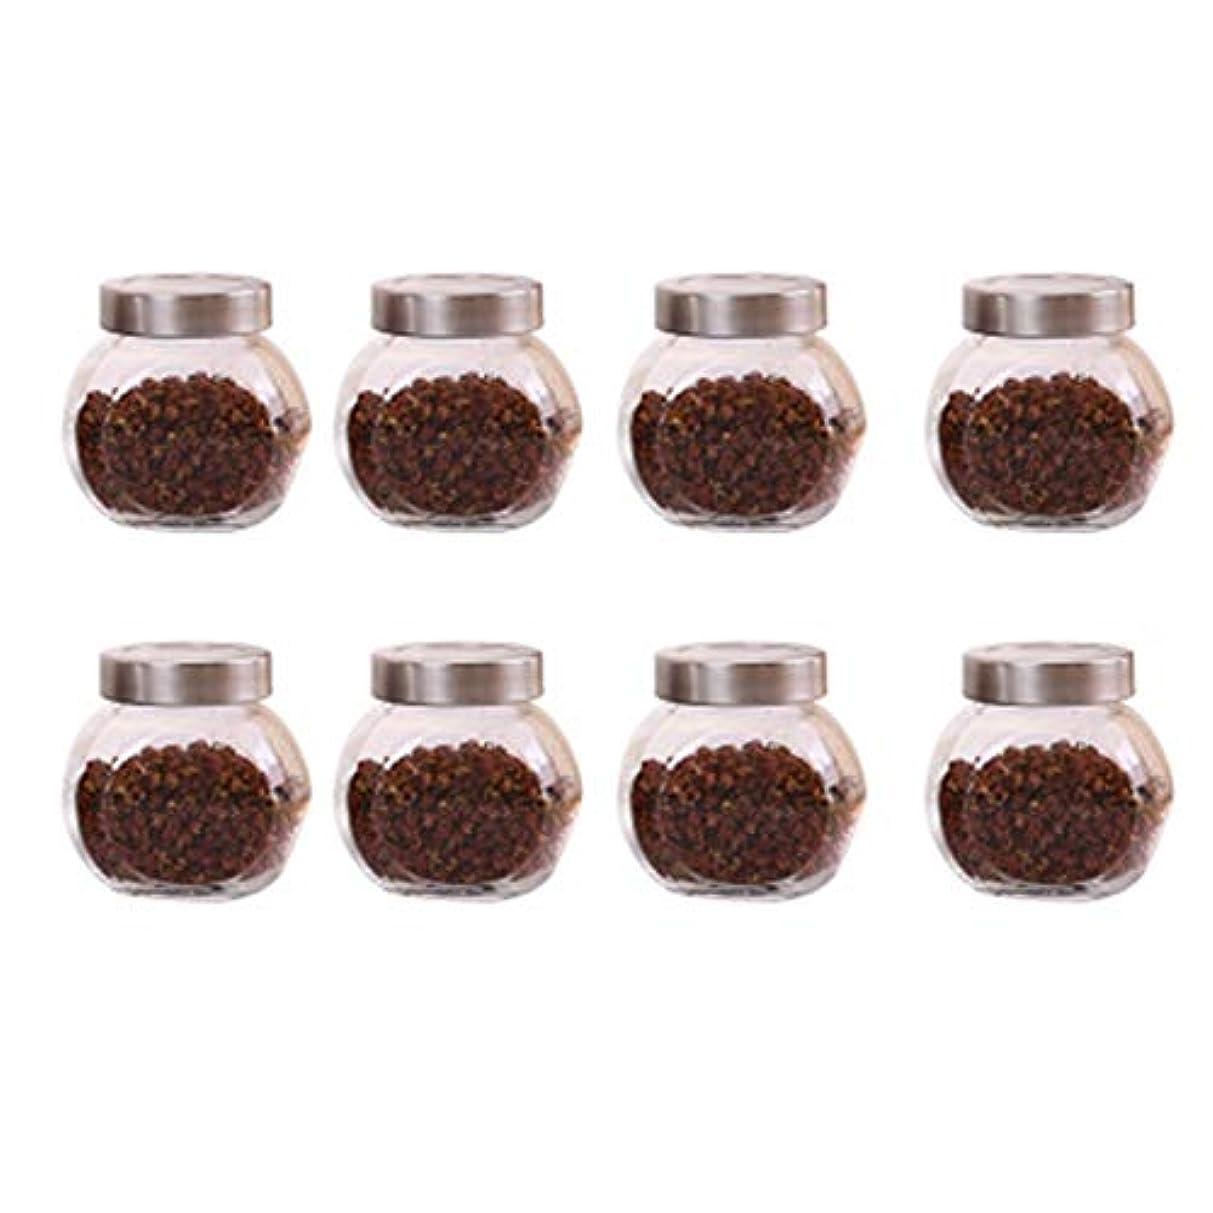 8個の鉛フリーガラスドライフルーツシール保湿ストレージジャーのストレージジャーパック(8パック)